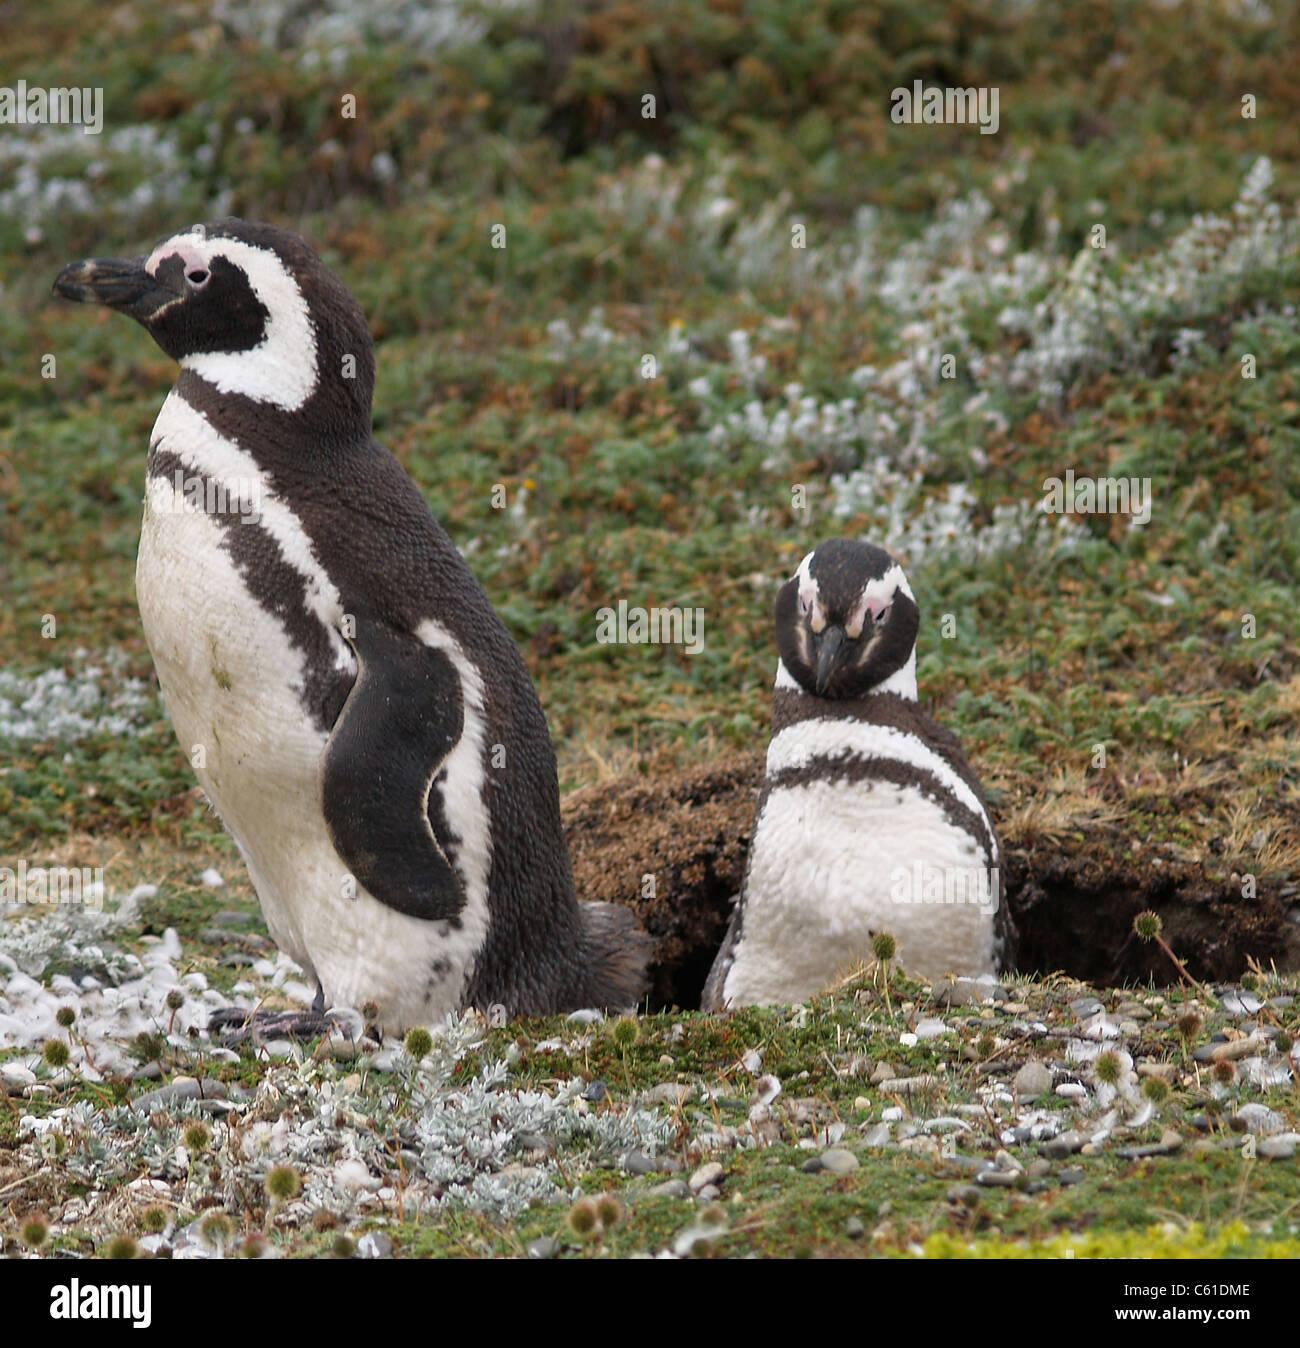 Pareja de pingüinos magallánicos en el seno Otoway, Chile Imagen De Stock